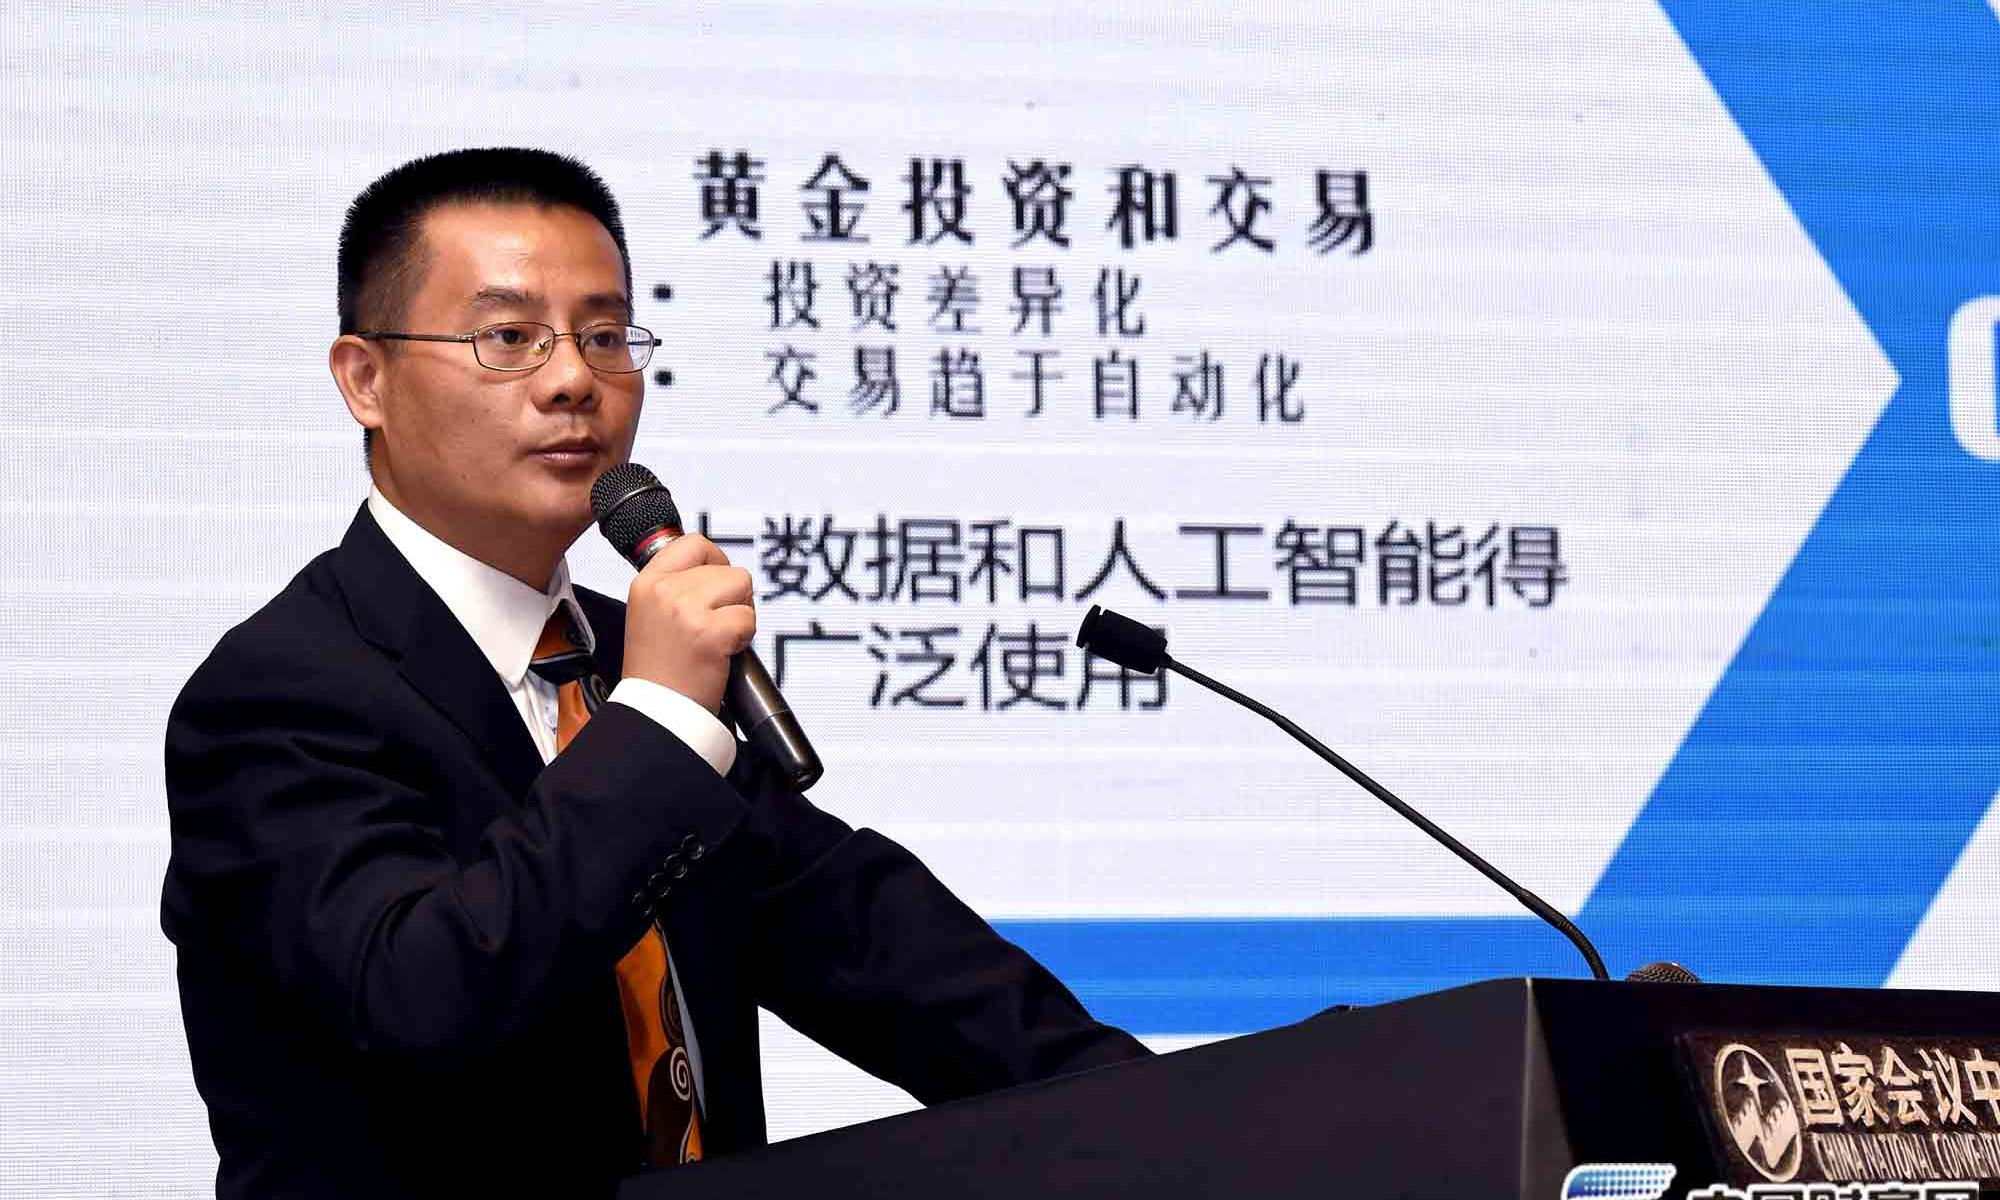 华为技术有限公司谢军发表演讲